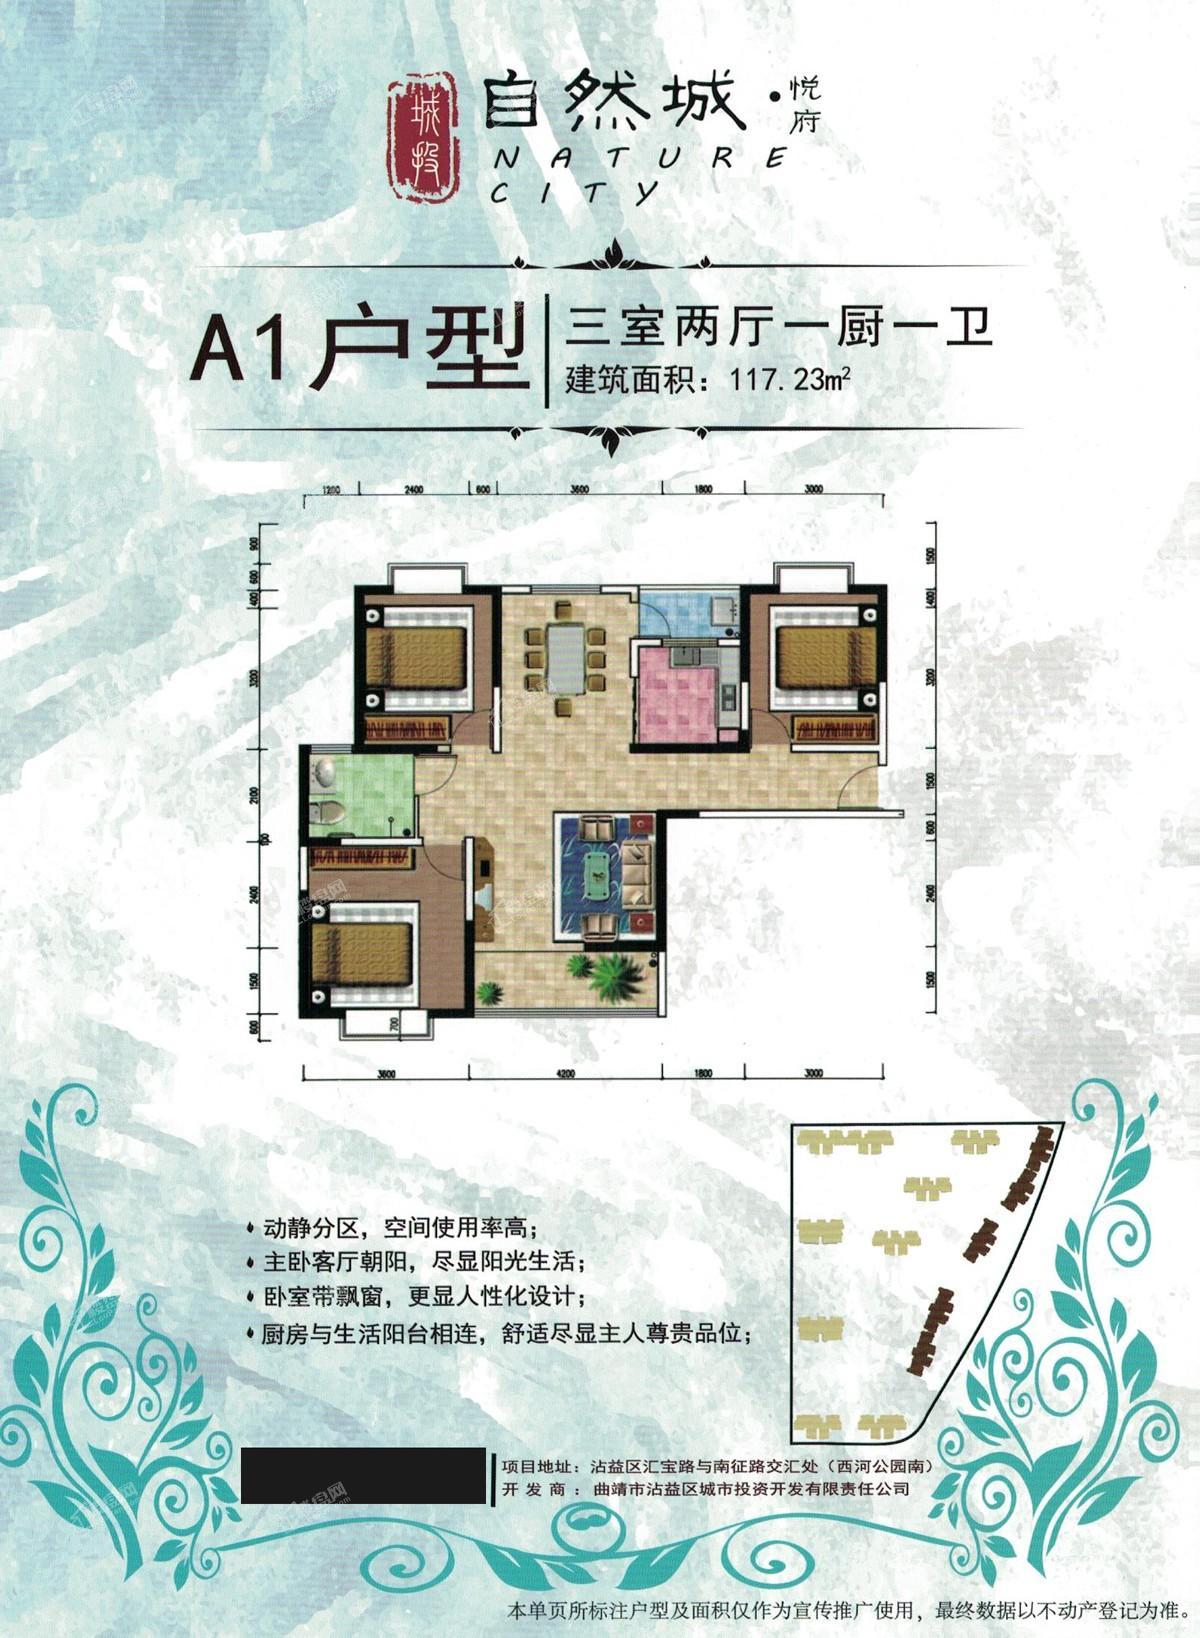 曲靖自然城·悦府户型图1